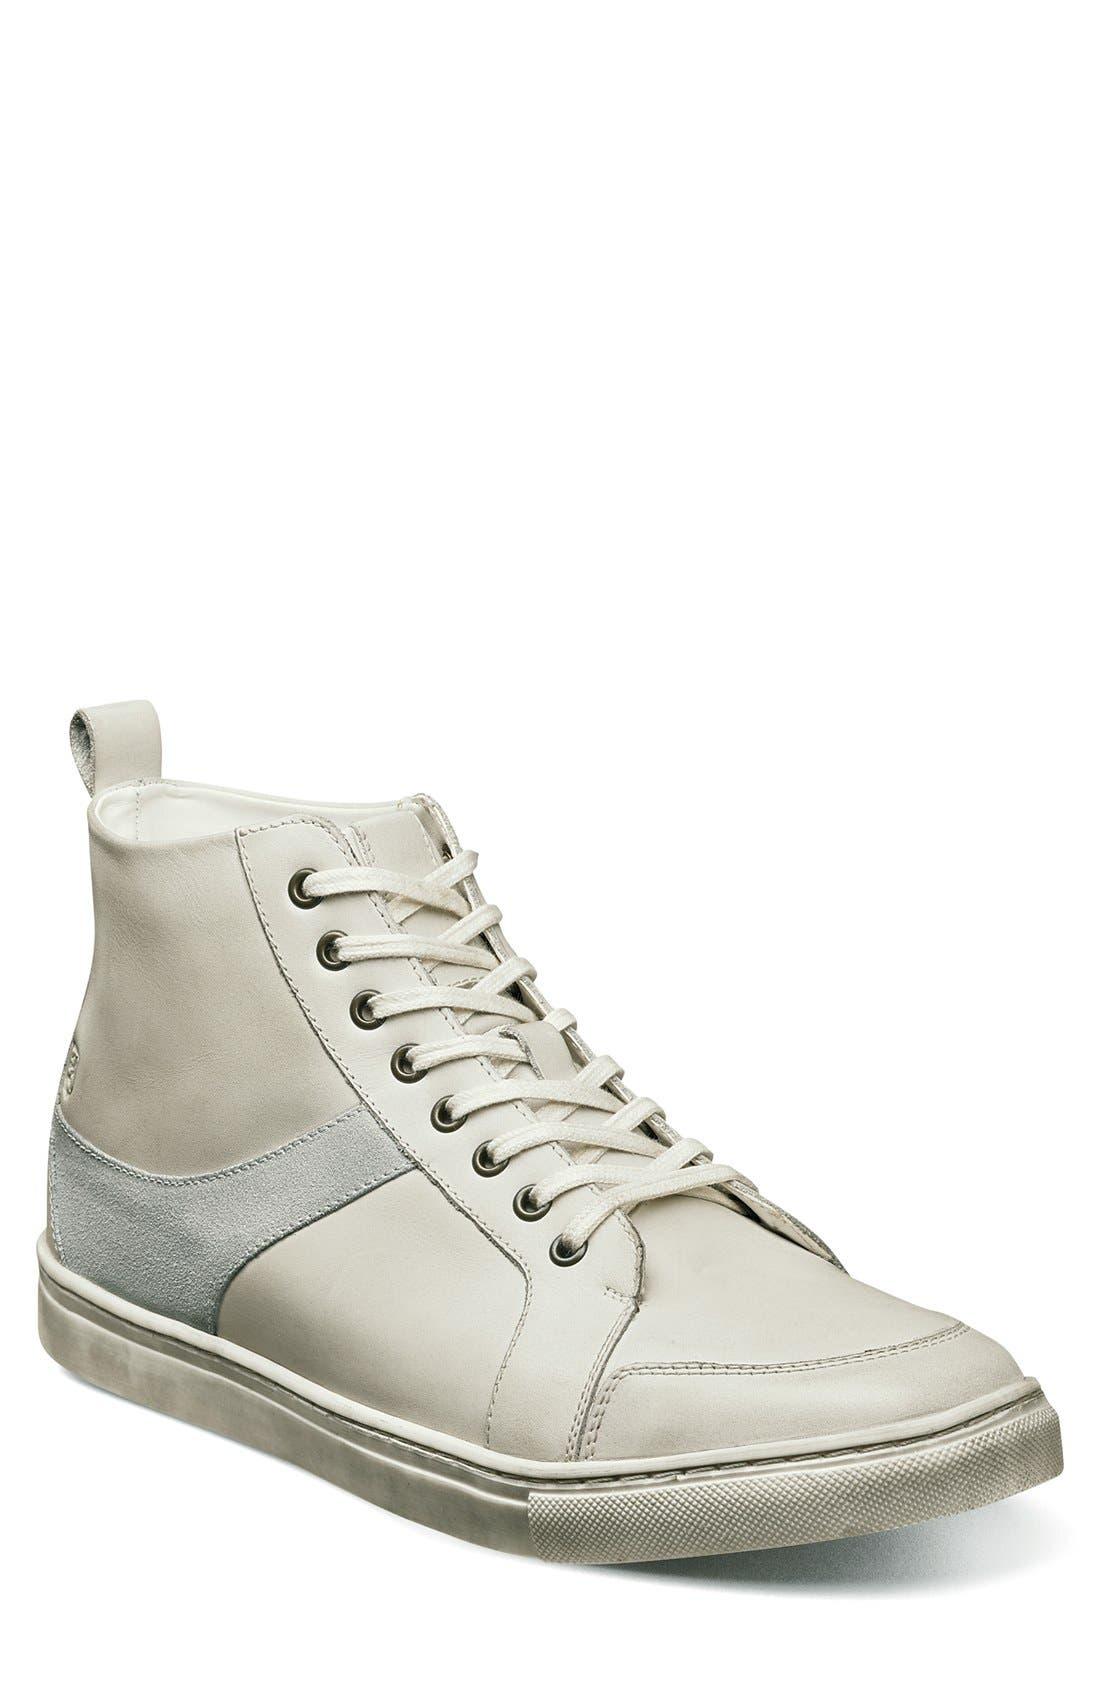 Image of Stacy Adams Winchell Moc Toe Sneaker